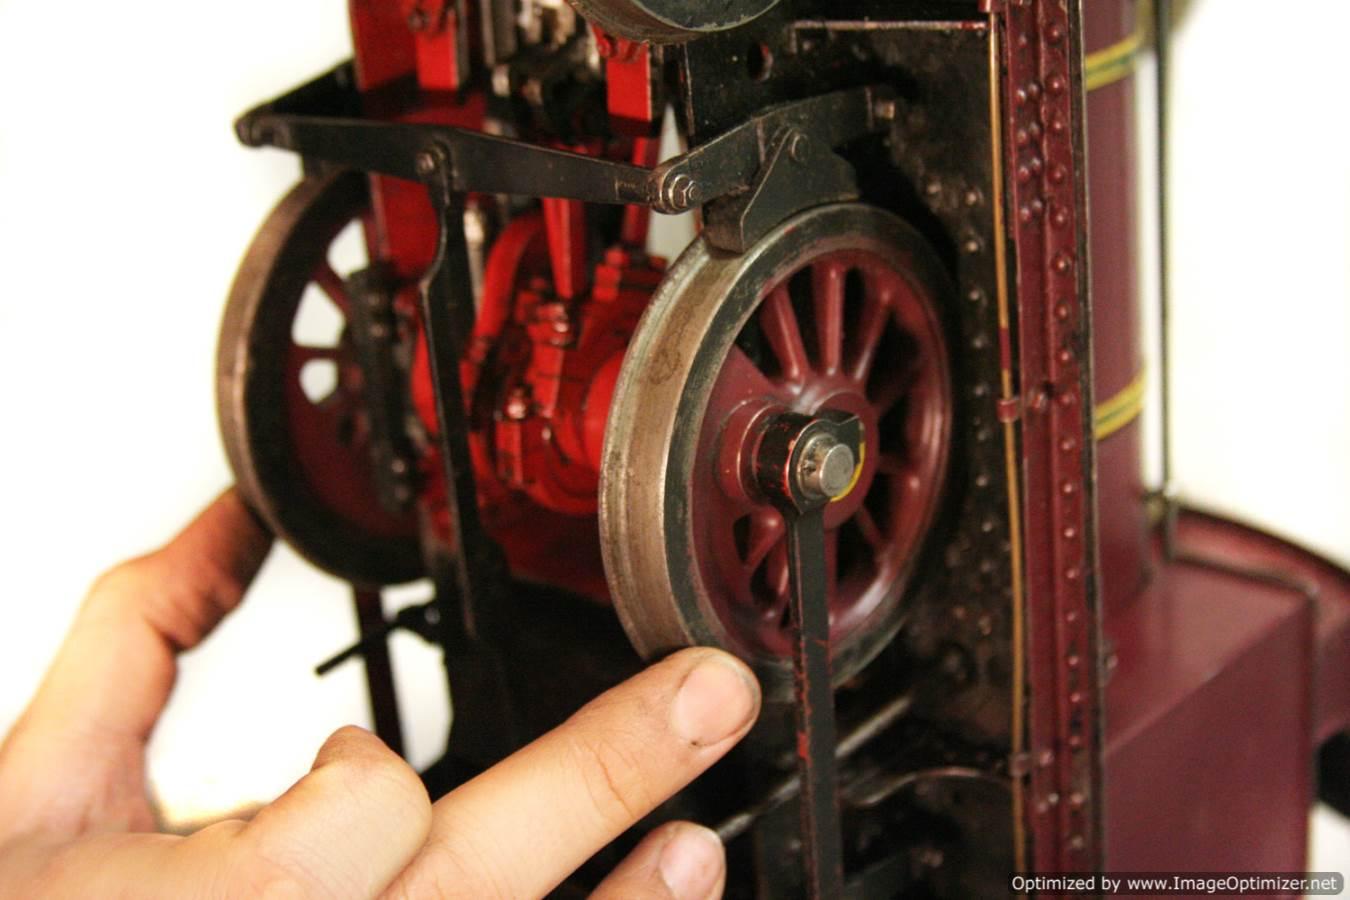 test Gem locomotive for sale 21 Optimized